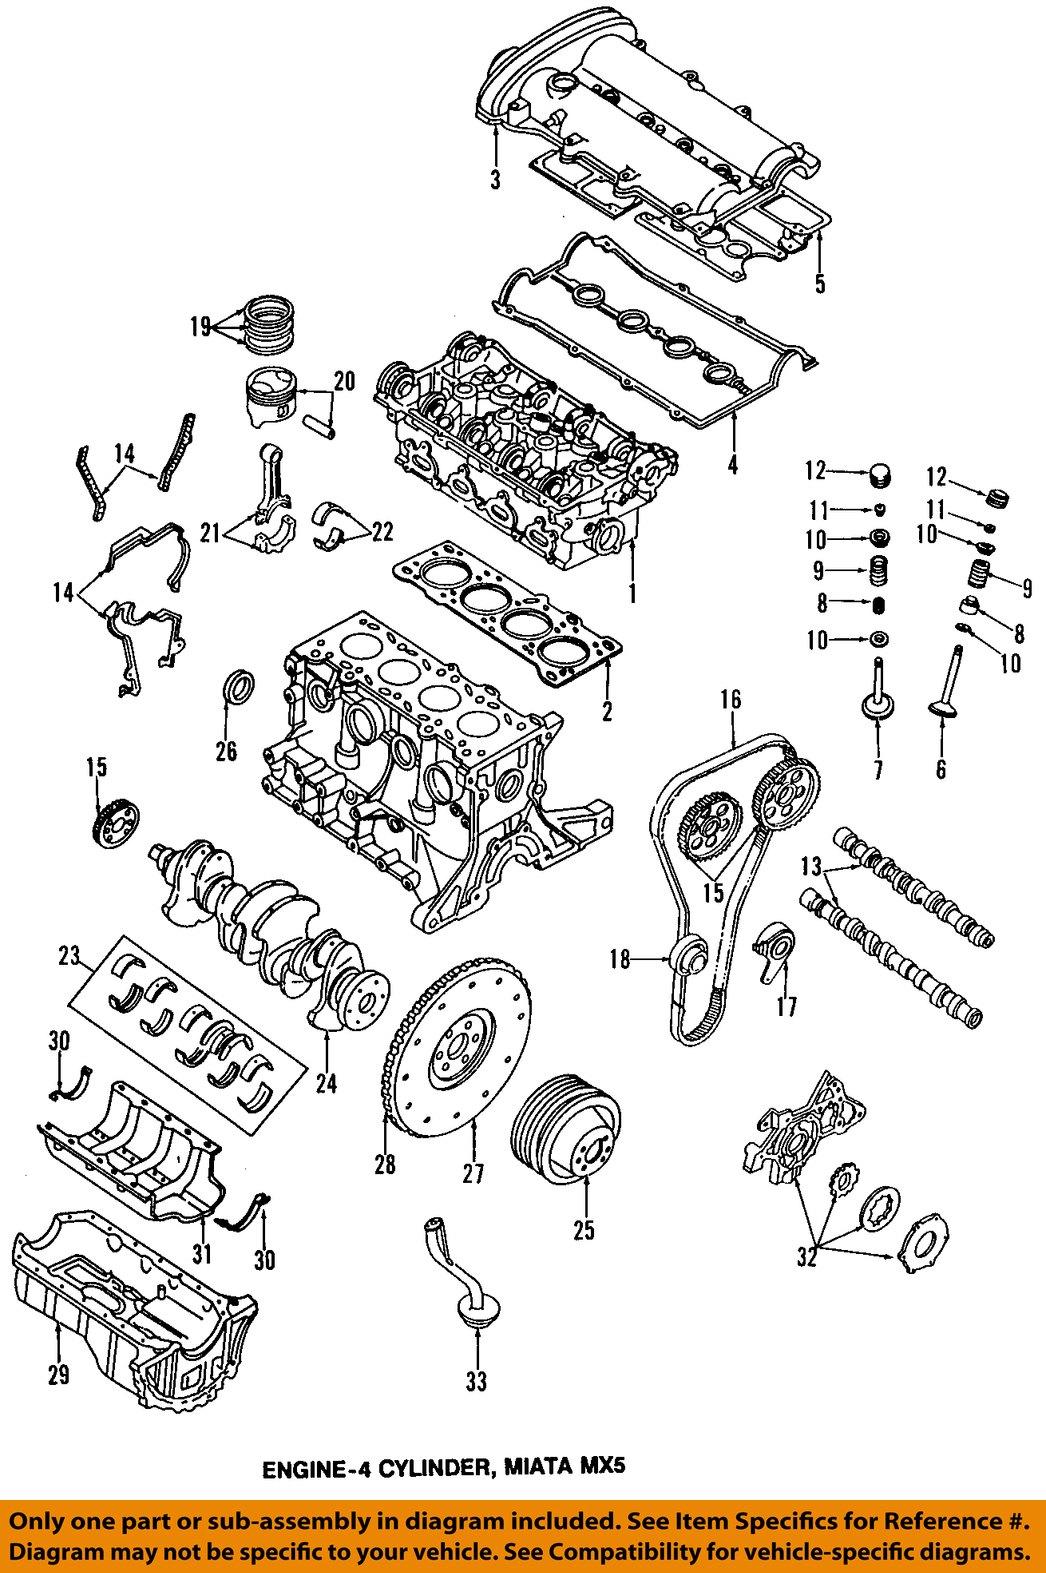 mazda oem 90-93 miata-valve cover gasket b61p10235b | ebay 2007 mazda miata engine diagram